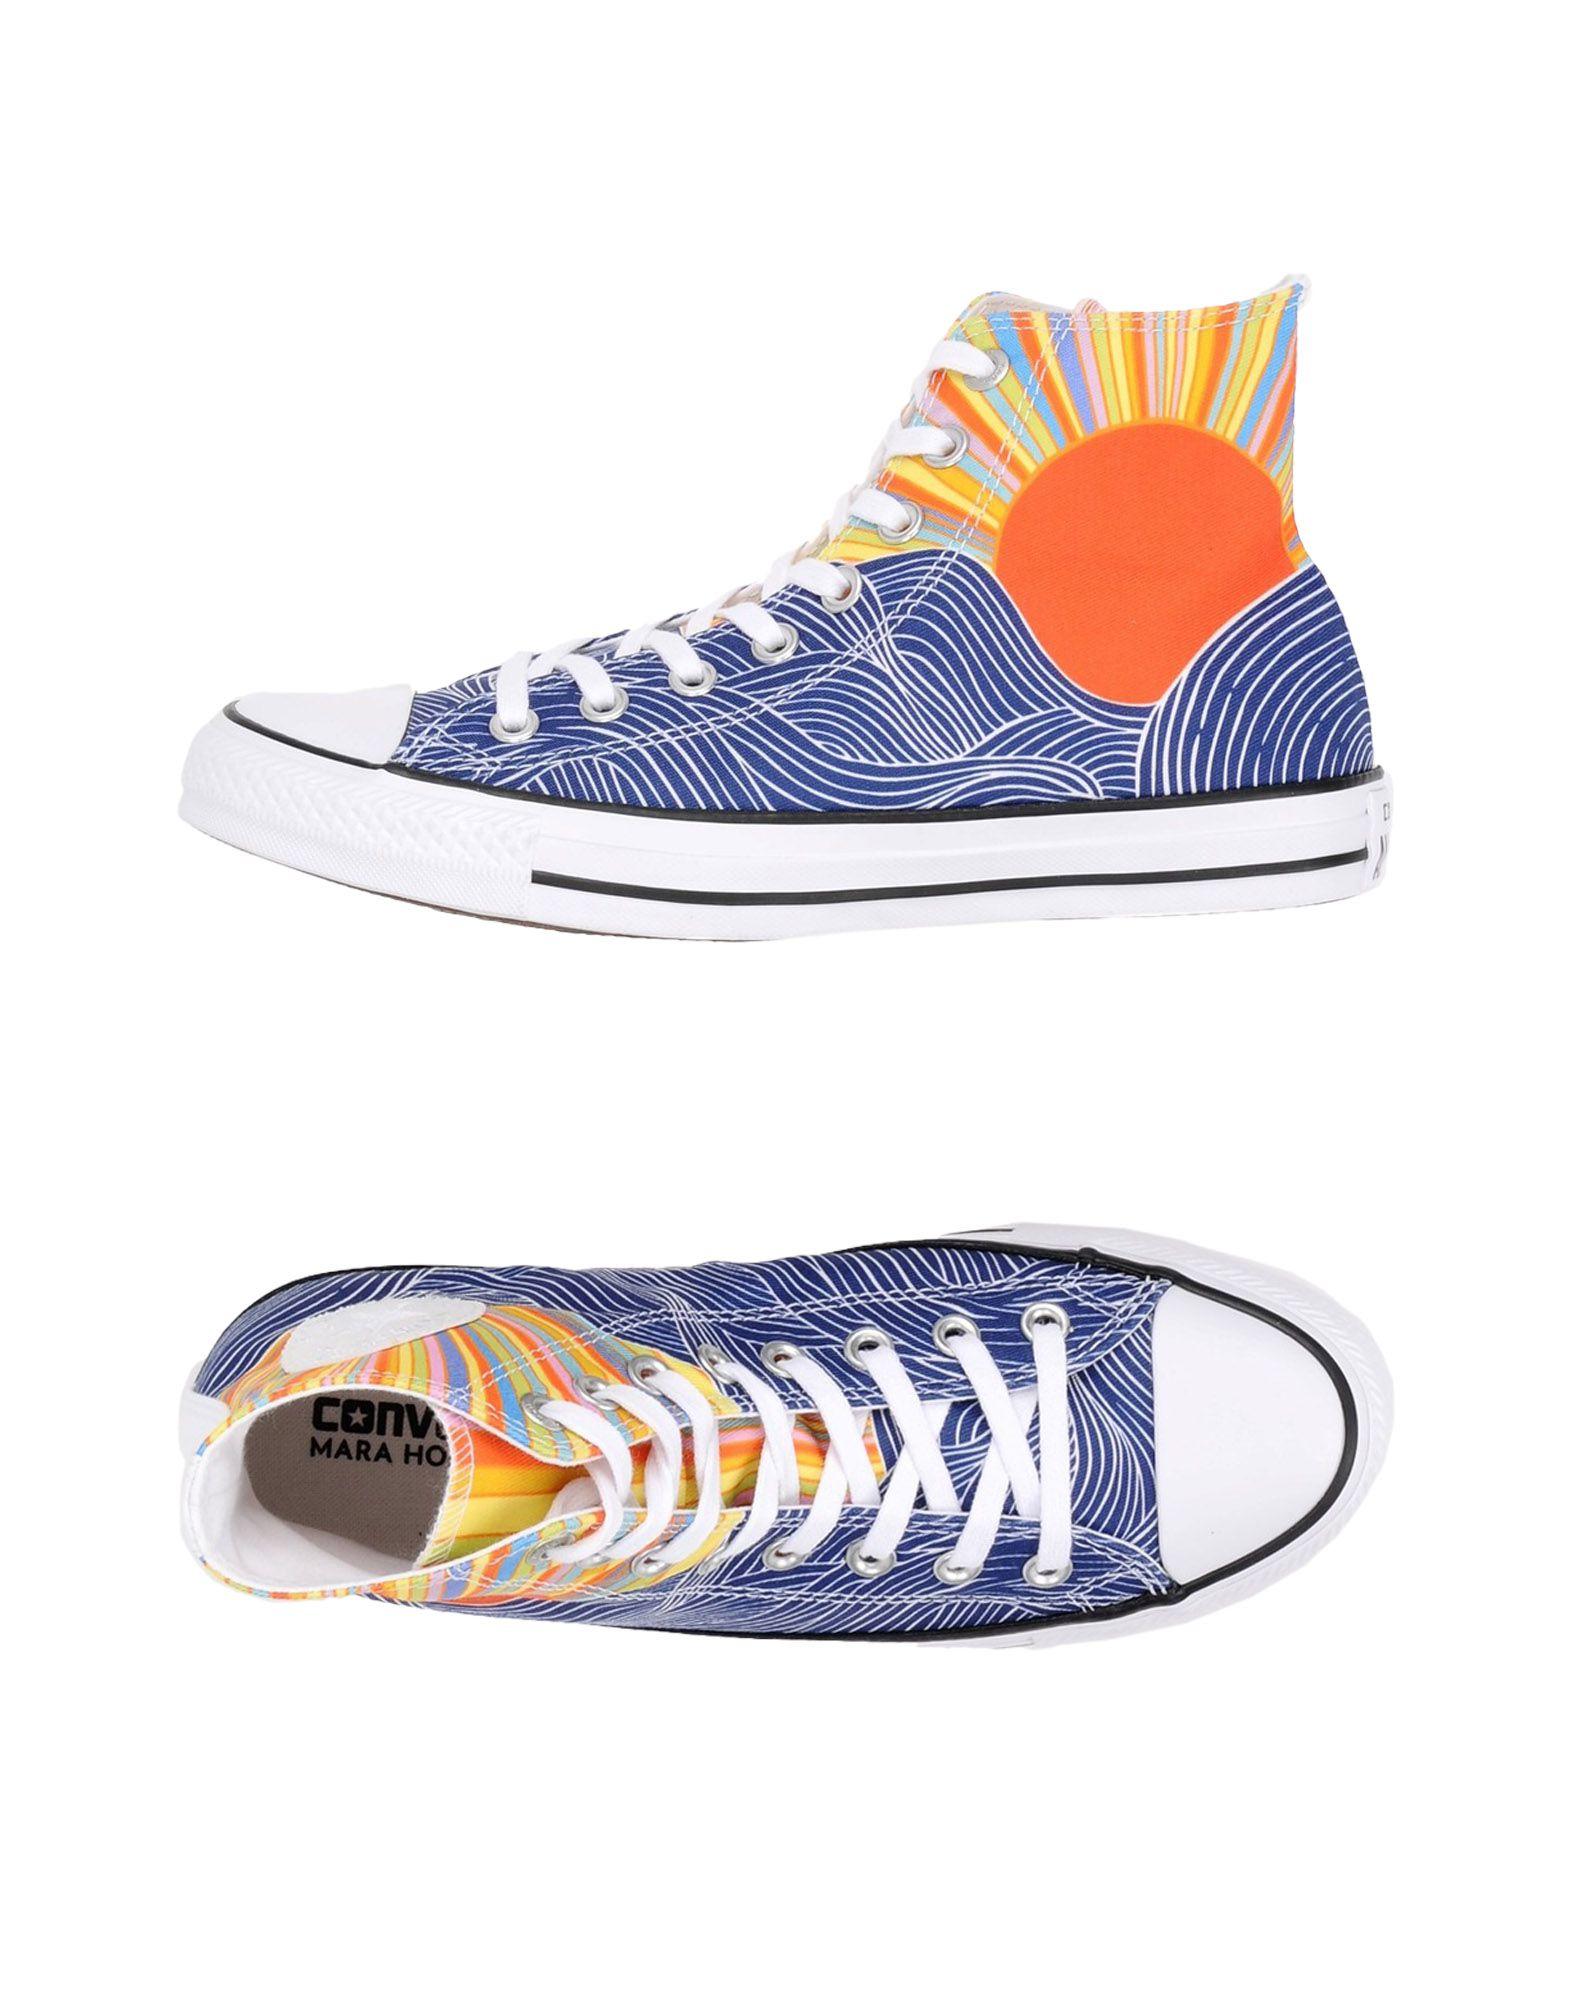 Sneakers Converse All Star Ct As Hi Canvas Misun Mara Hoffman - Donna - 11336490FM